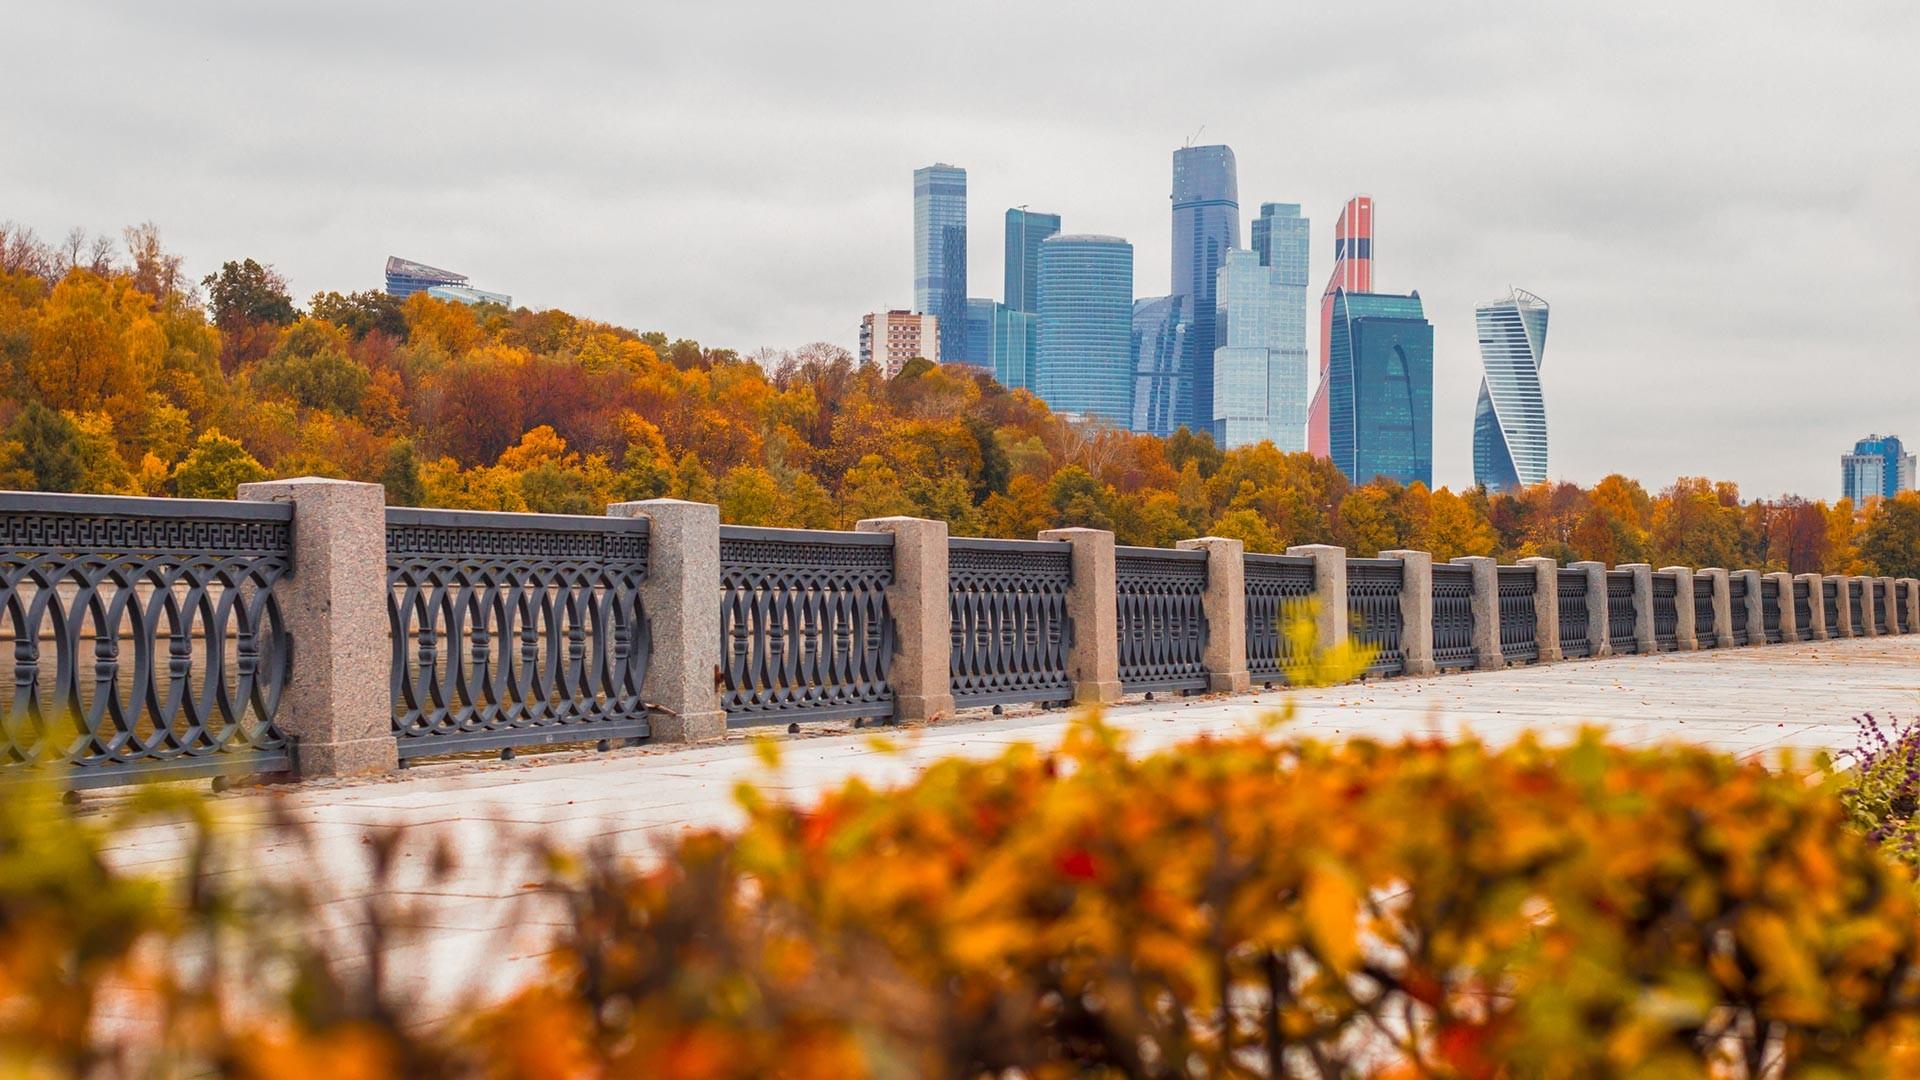 モスクワ川河岸の秋